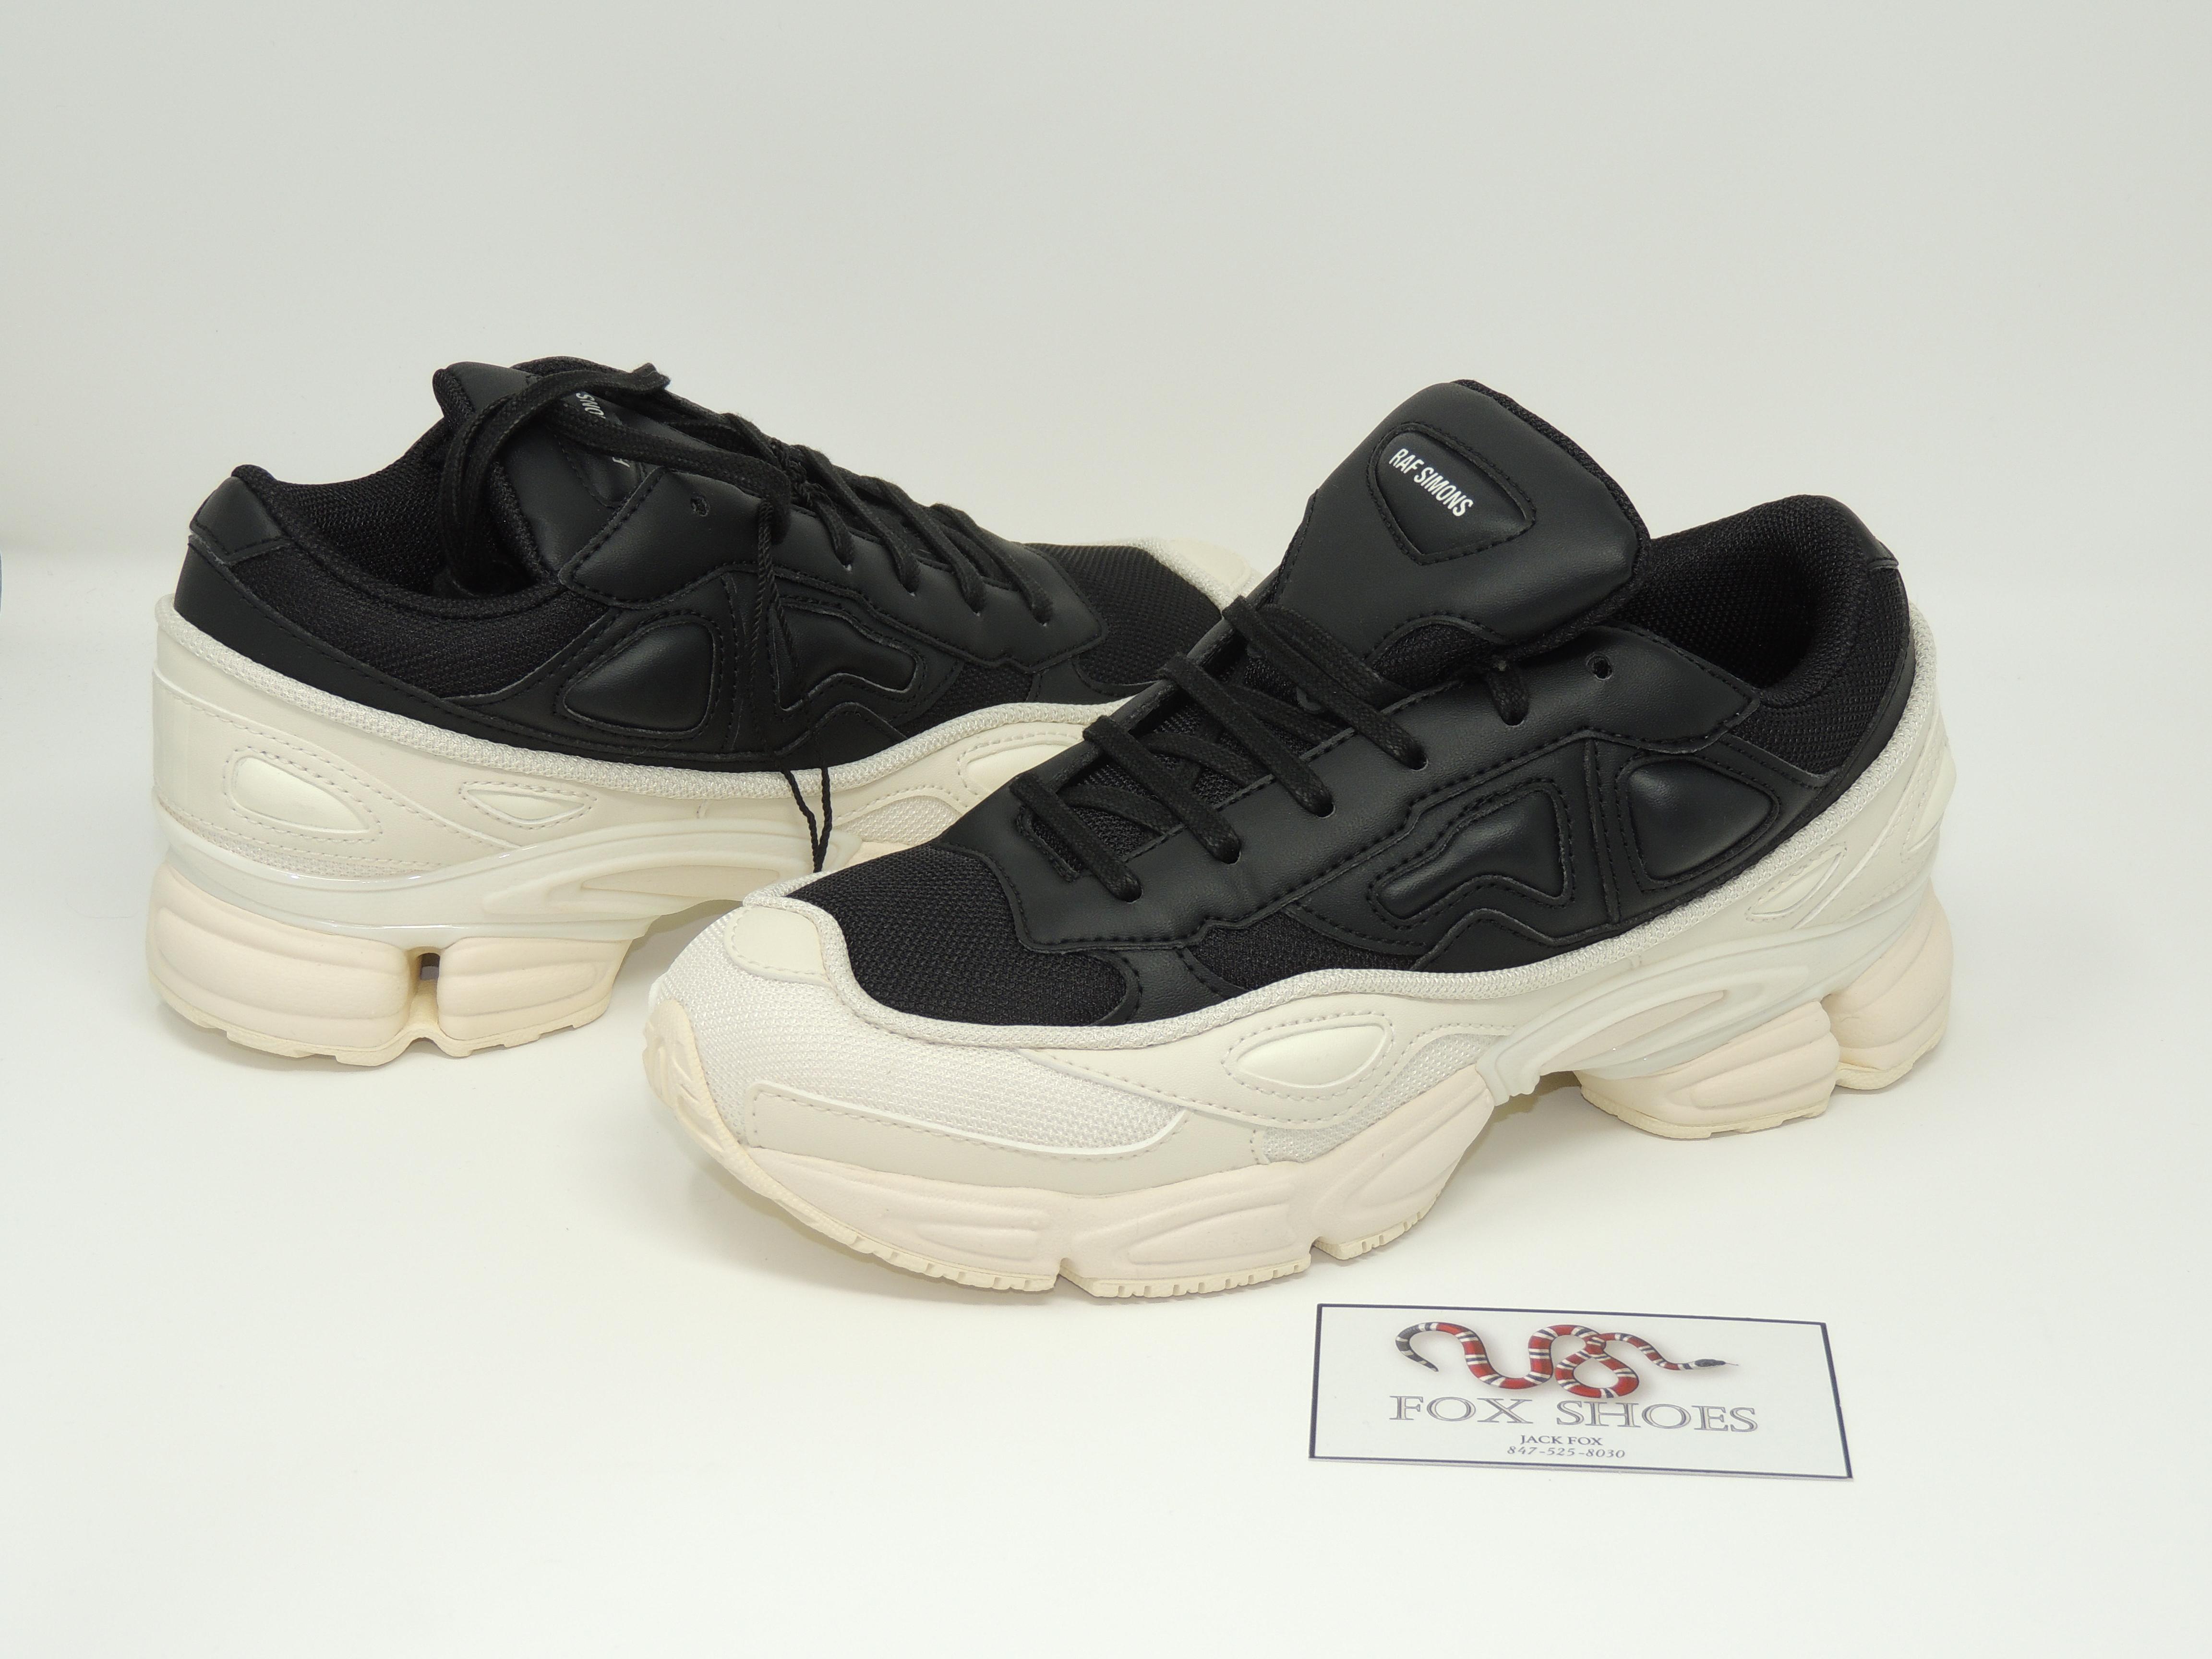 adidas Ozweego Raf Simons OG Black White - Size 8 US